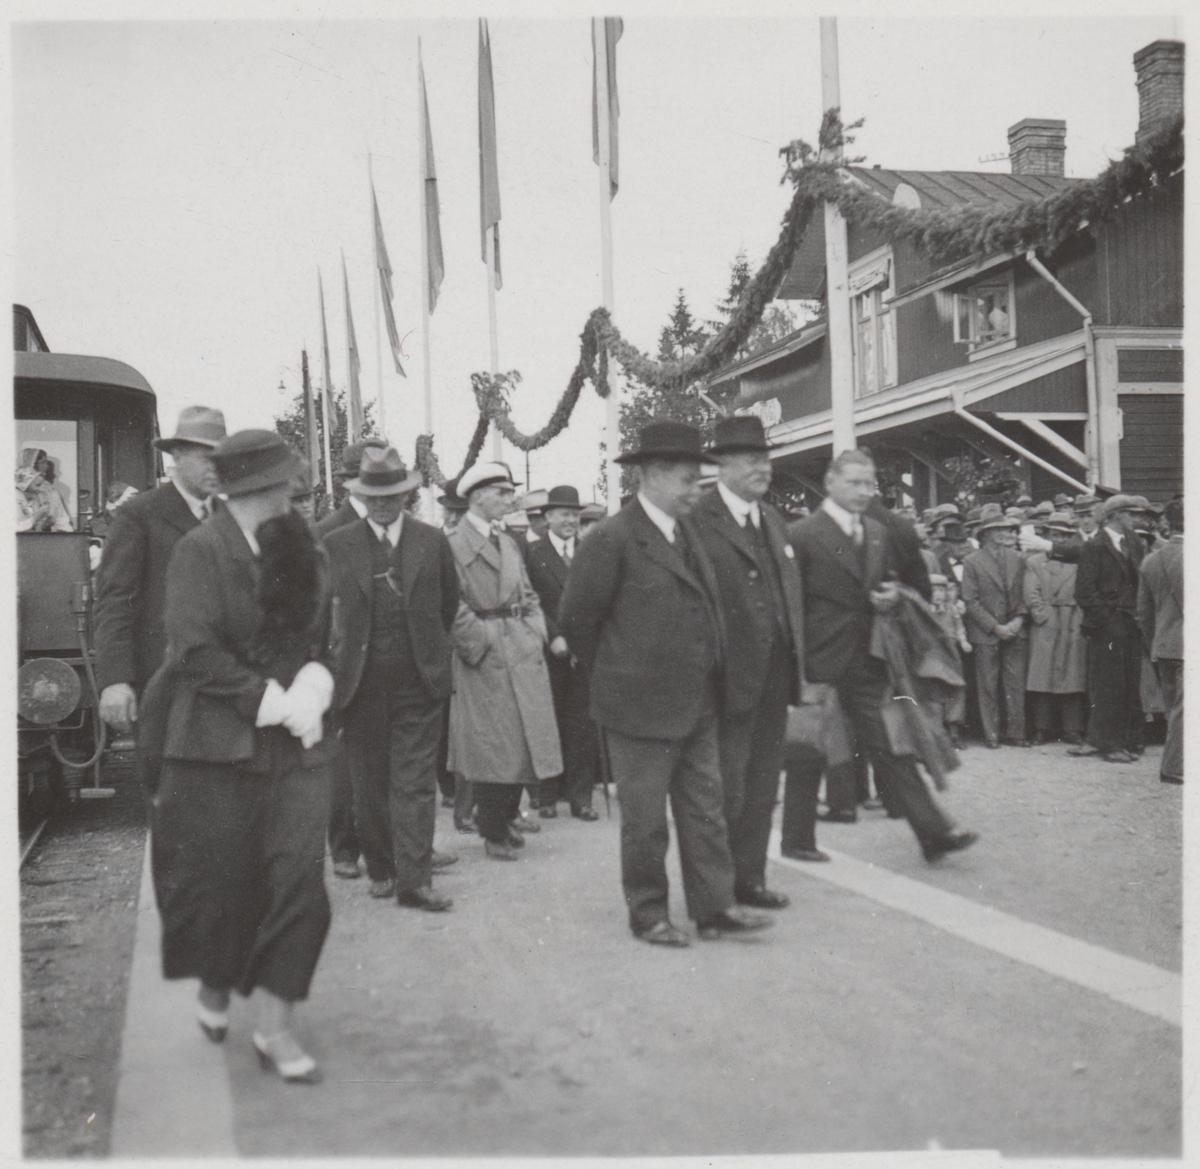 Invigningståget för Statsbanan Malung-Vansbro har just anlänt till stationen. I mitten av bilden ses Landshövding Bernhard Eriksson.